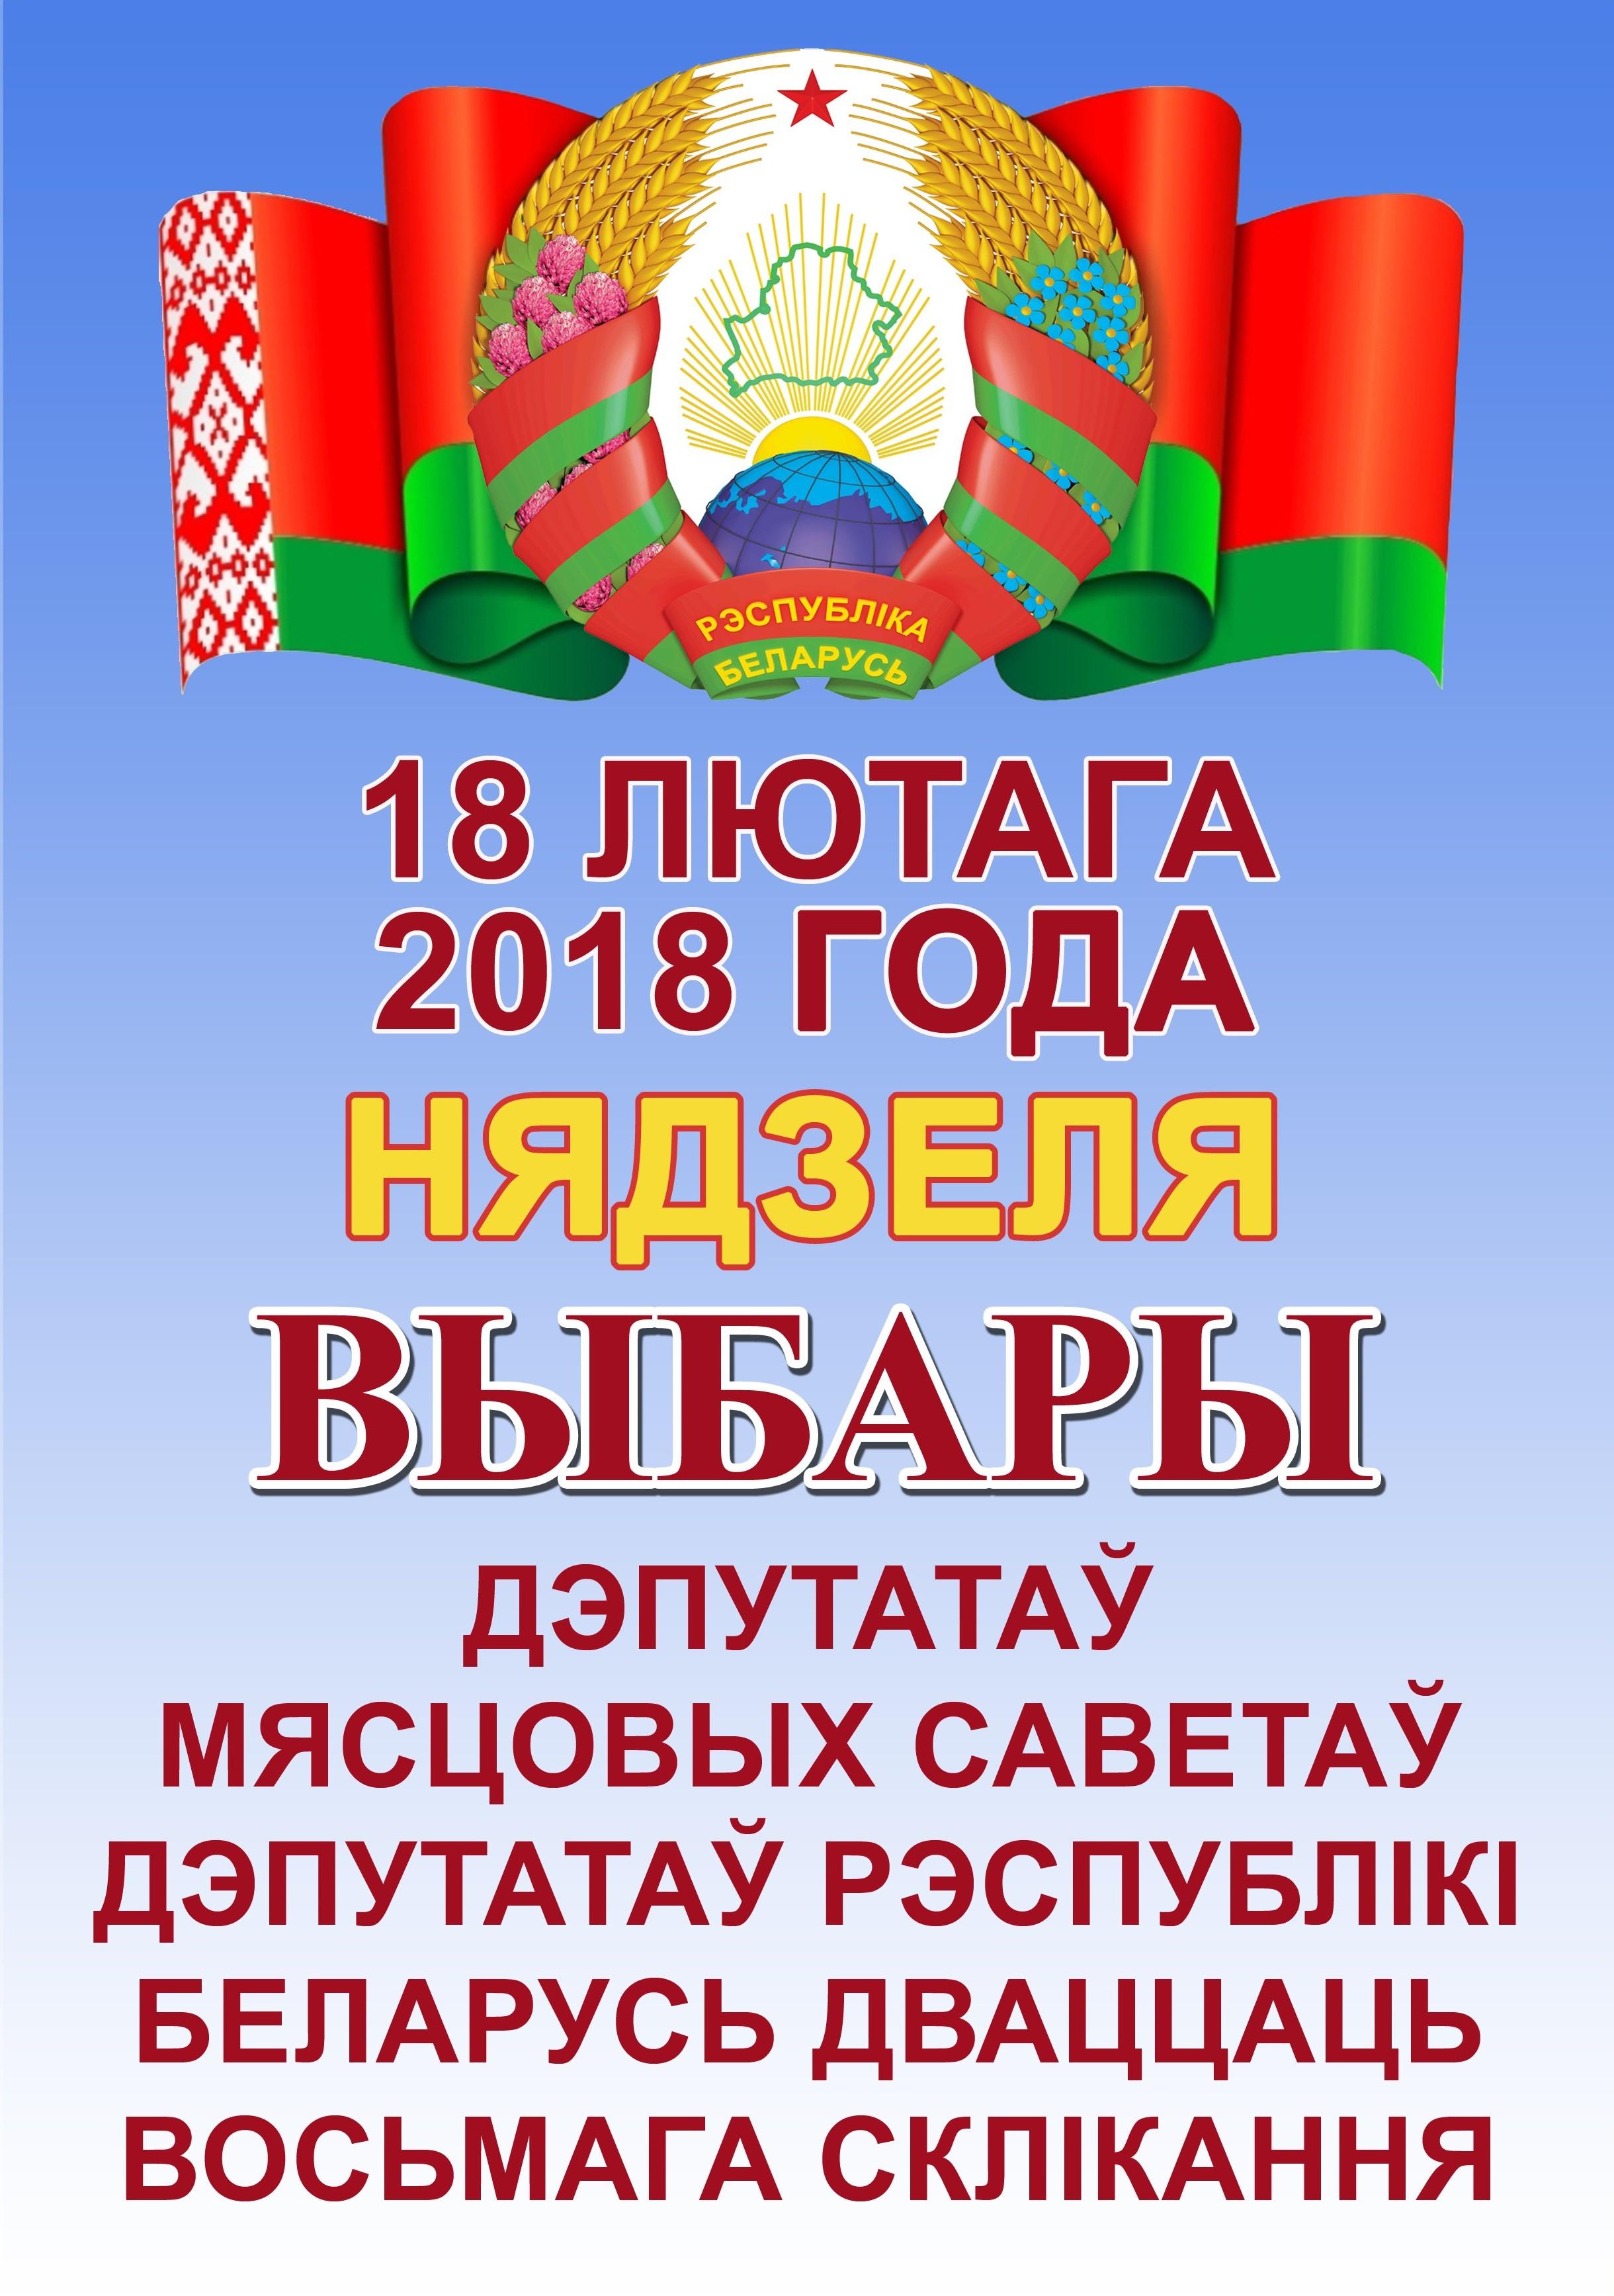 Картинки по запросу выборы 2018 беларусь